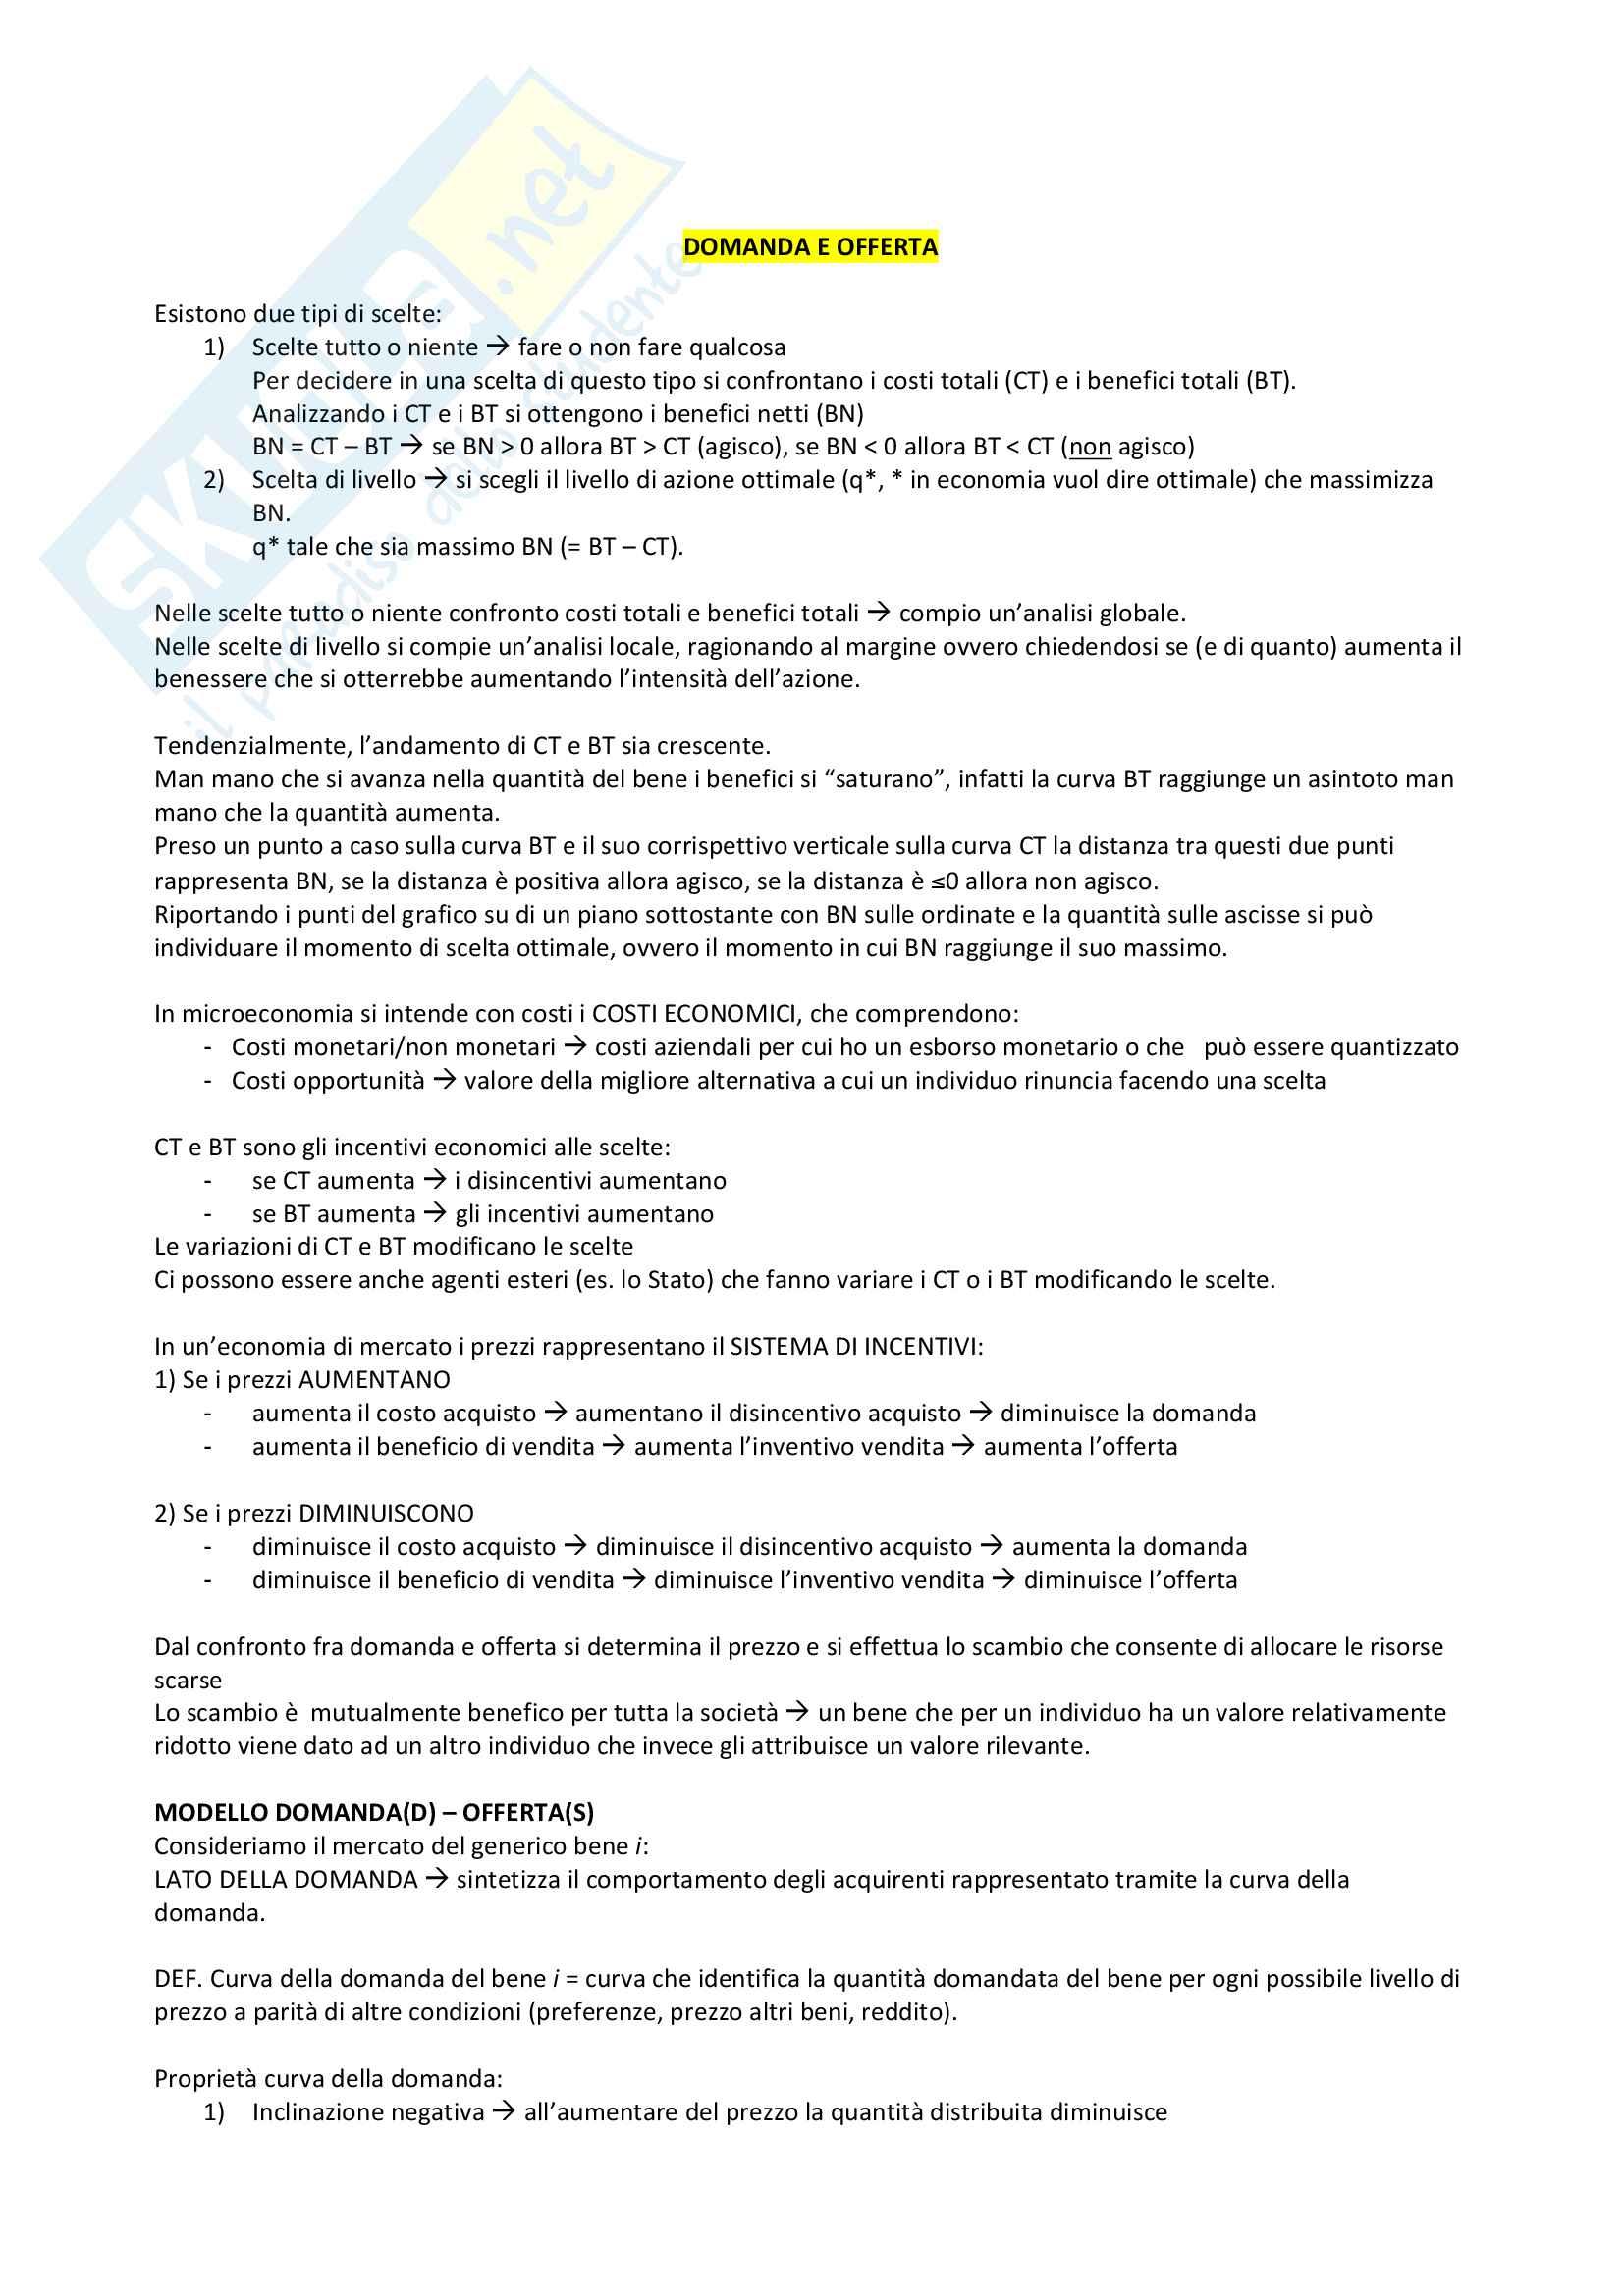 Microeconomia - Domanda e offerta